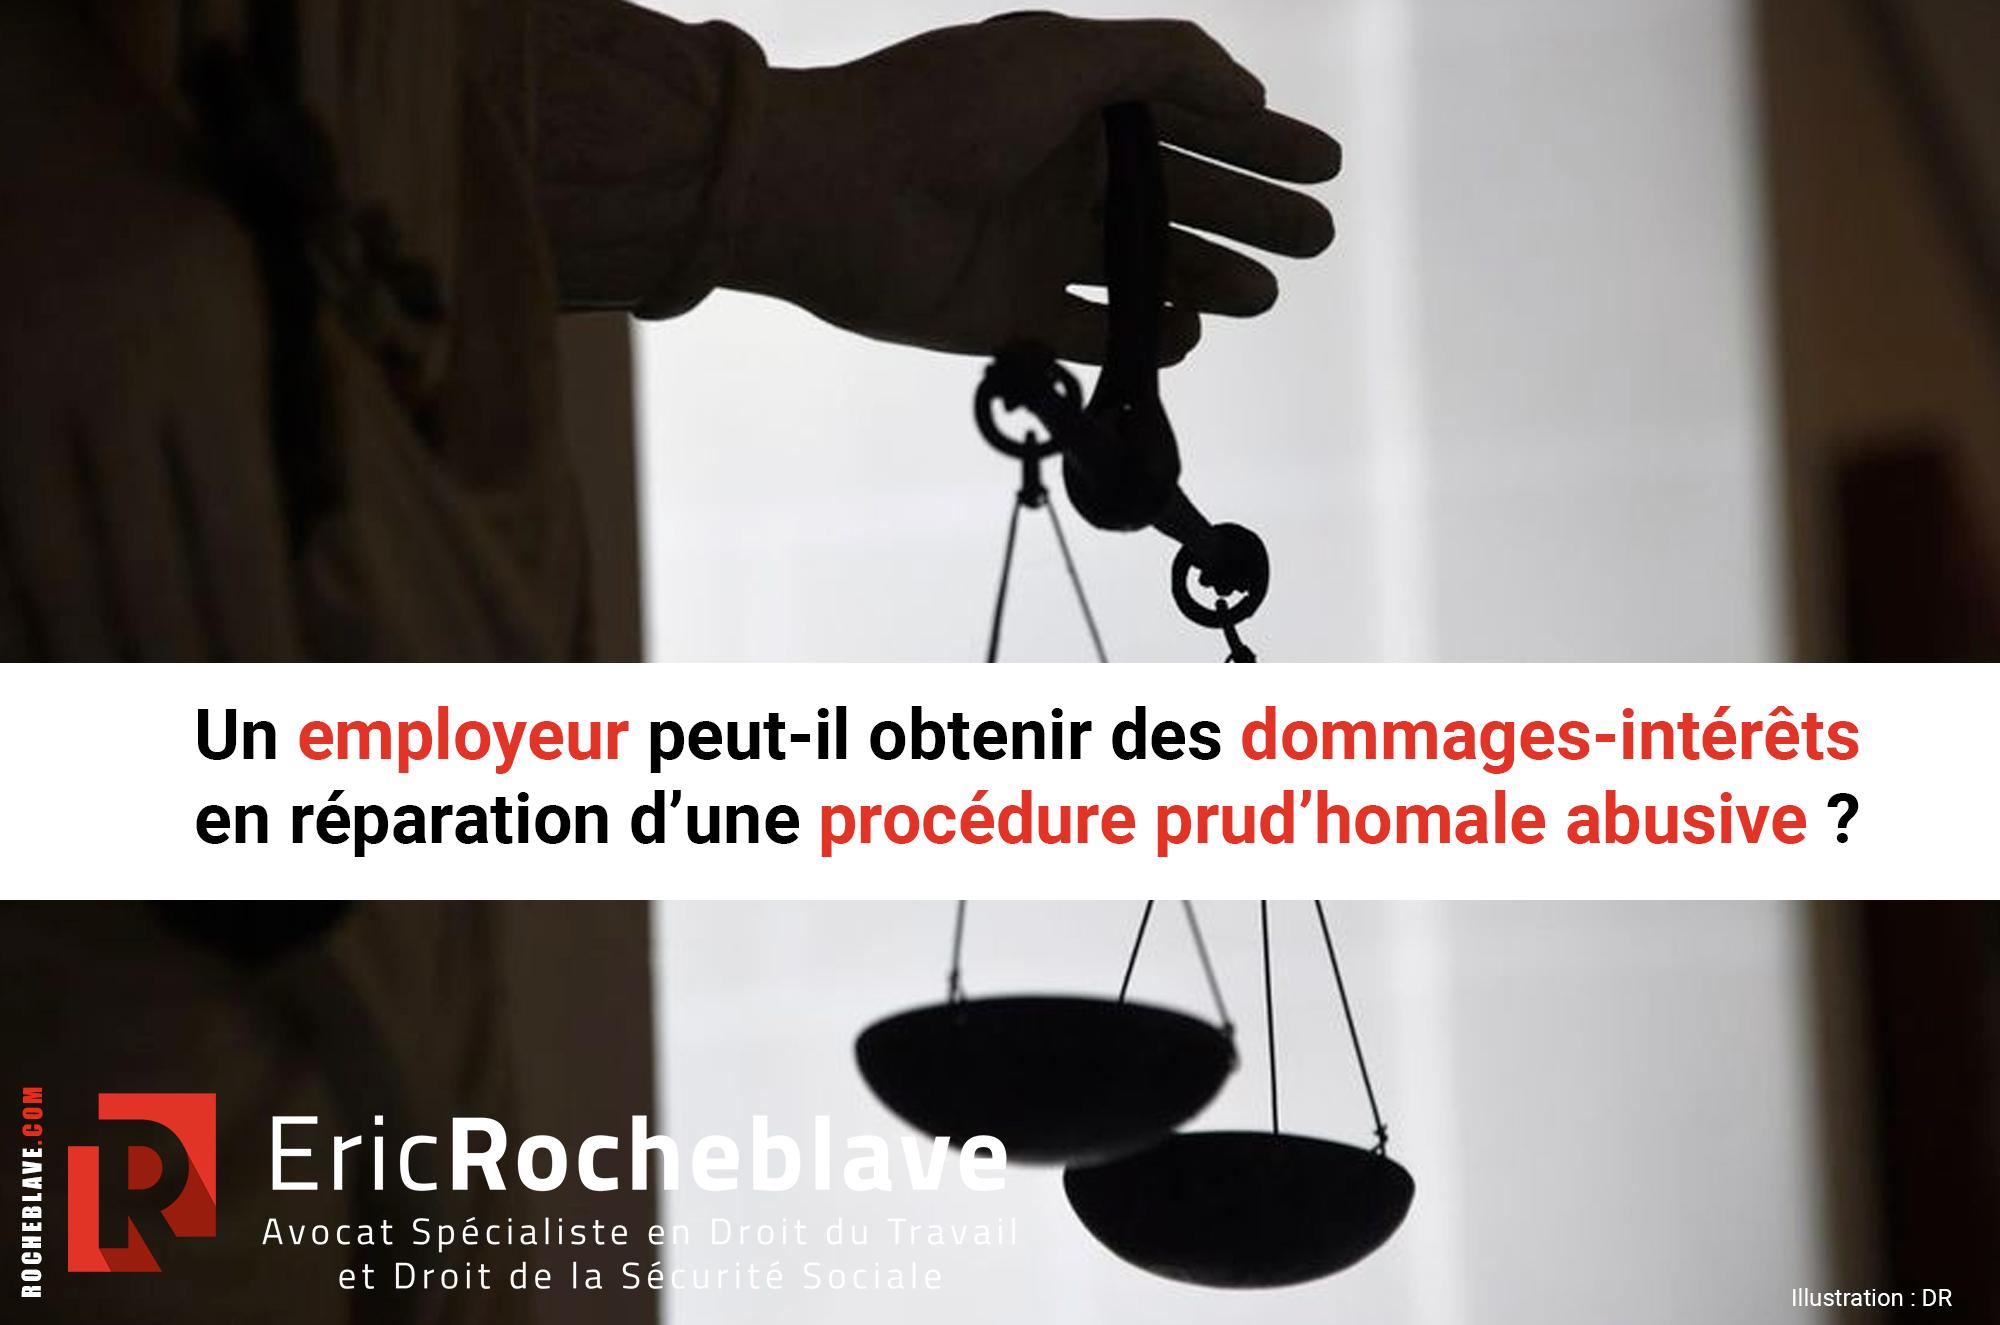 Un employeur peut-il obtenir des dommages-intérêts en réparation d'une procédure prud'homale abusive ?